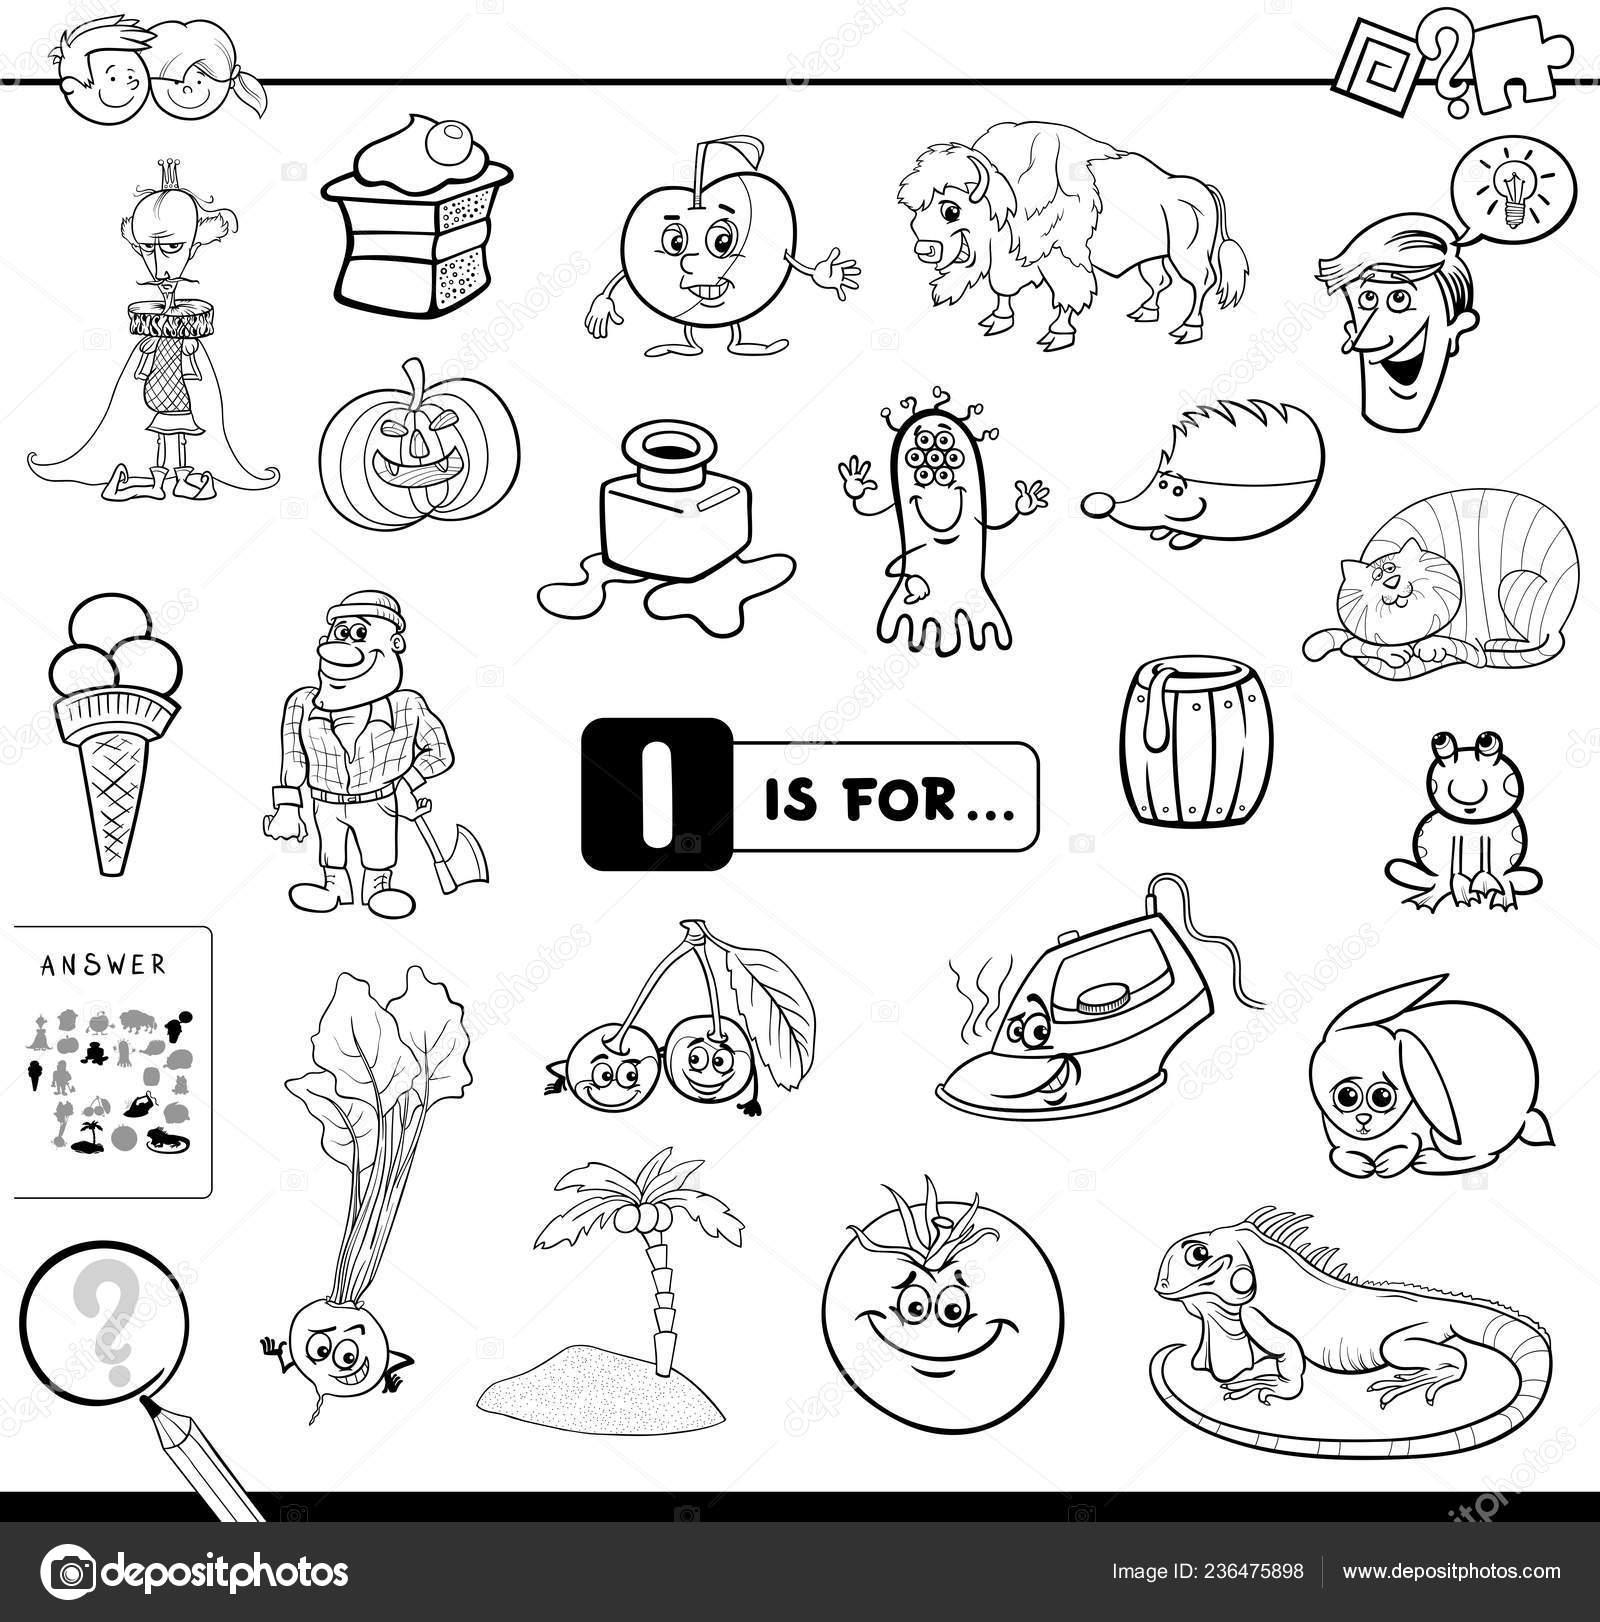 Ilustración Dibujos Animados Blanco Negro Encontrar Imagen Empiezan